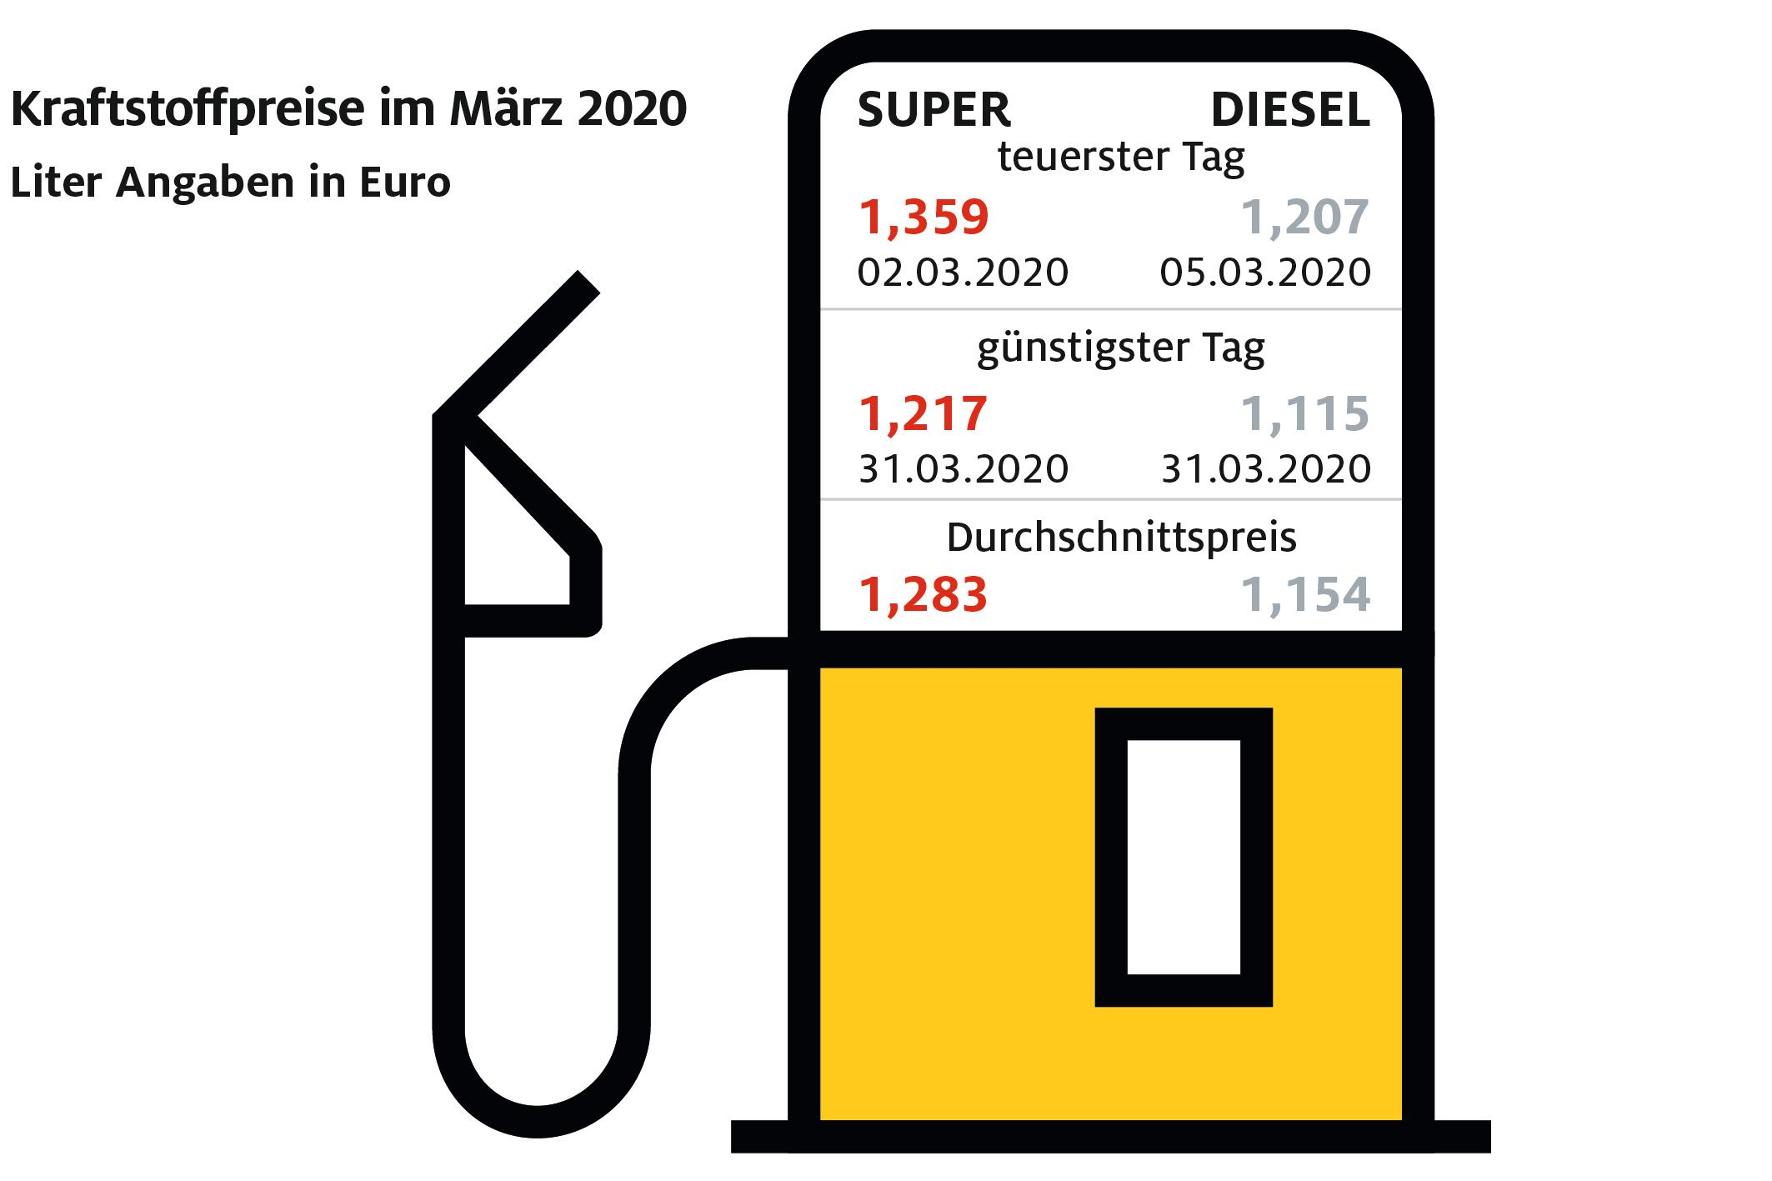 mid Groß-Gerau - Benzin war in Deutschland im Monatsdurchschnitt so günstig wie zuletzt im August 2016. Auch Diesel verbilligte sich deutlich. ADAC